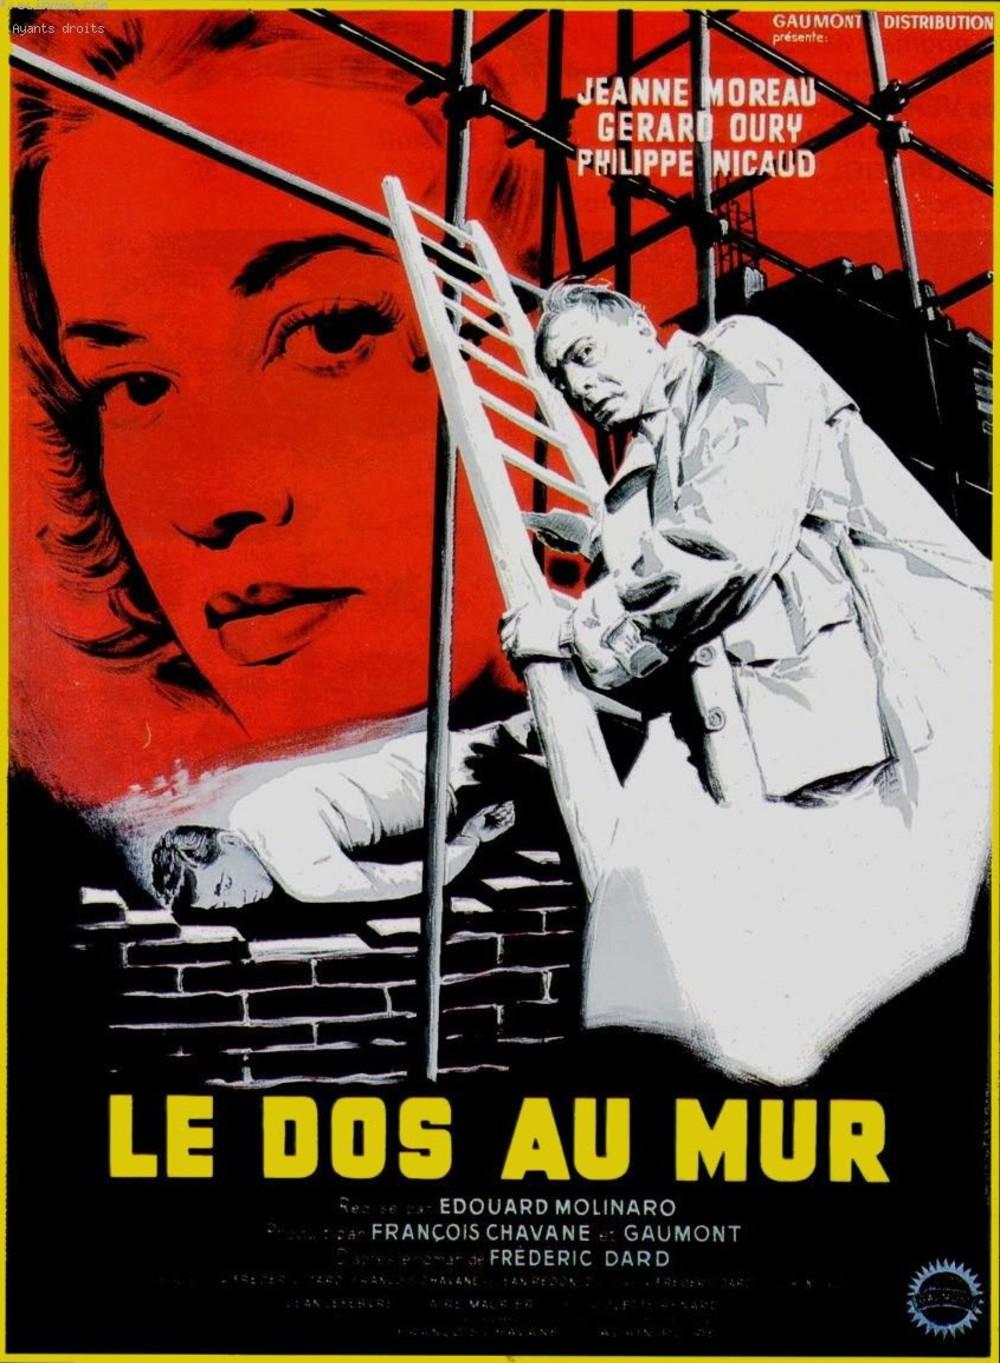 affiche du film Le dos au mur